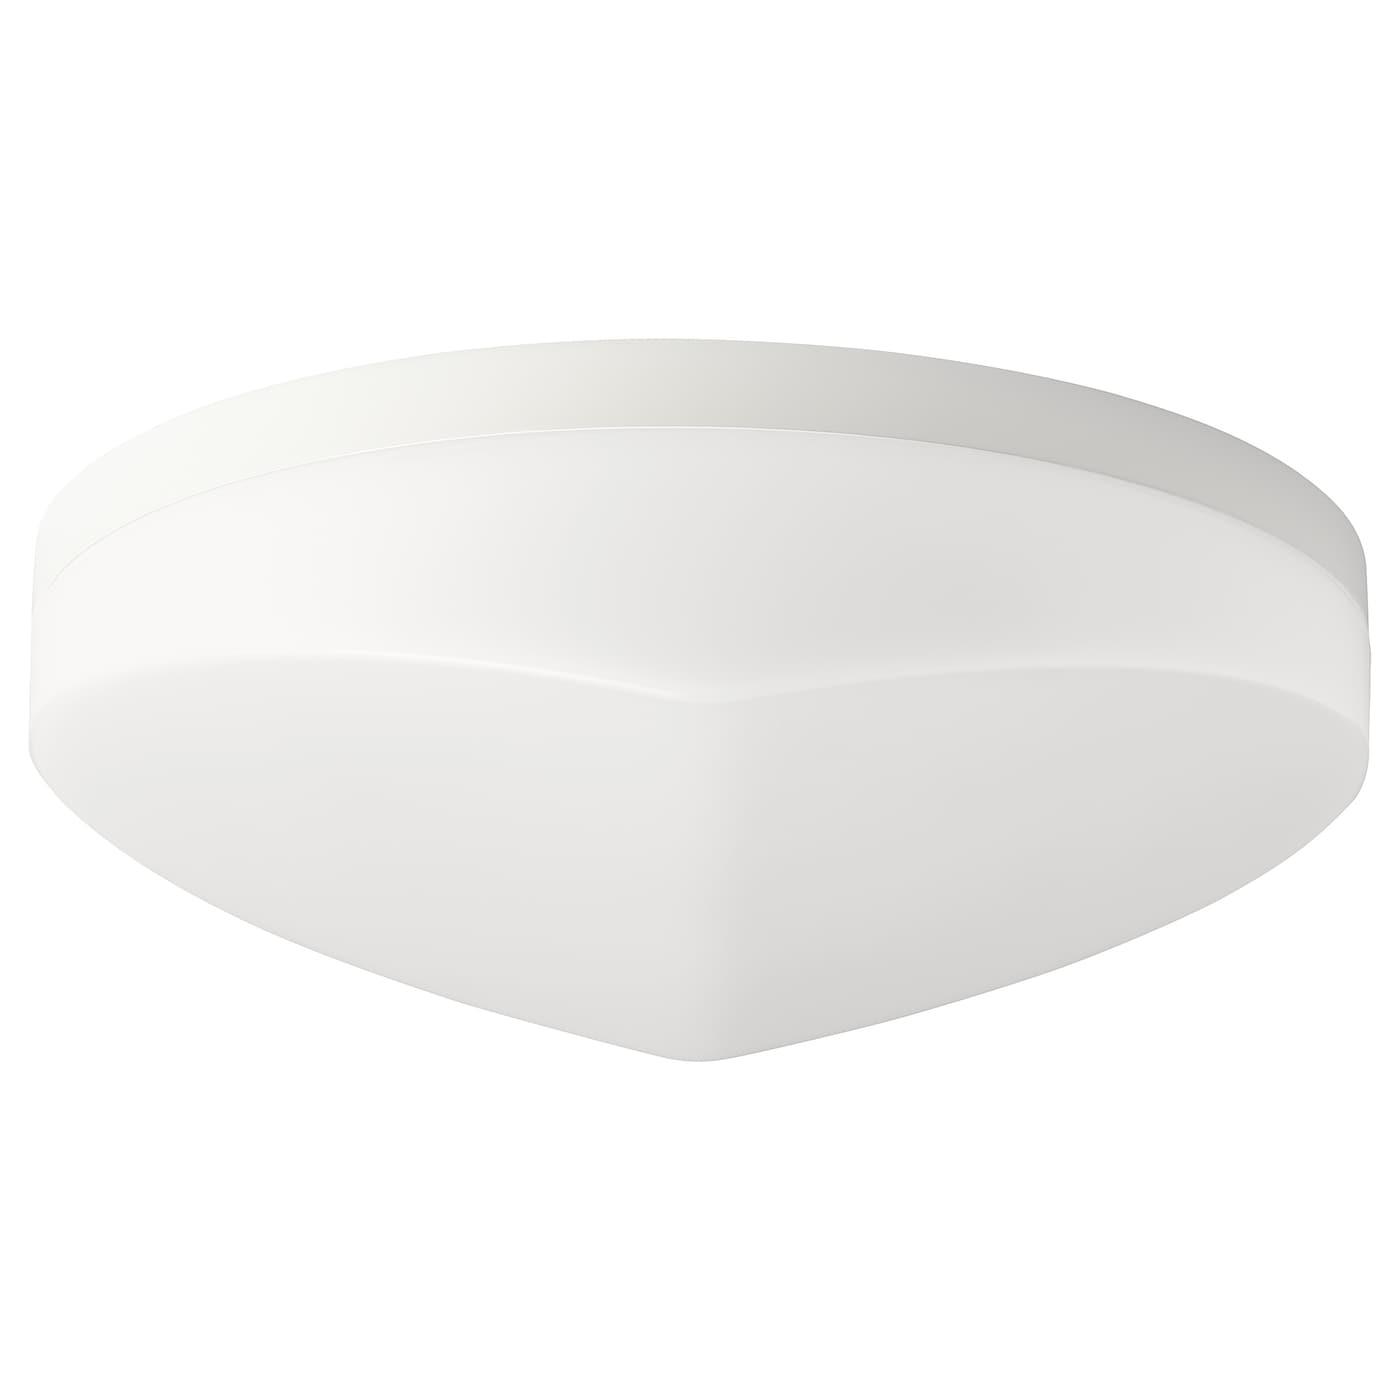 IKEA SVALLIS Lampa sufitowa LED, biały można przyciemniać, biały, 27 cm